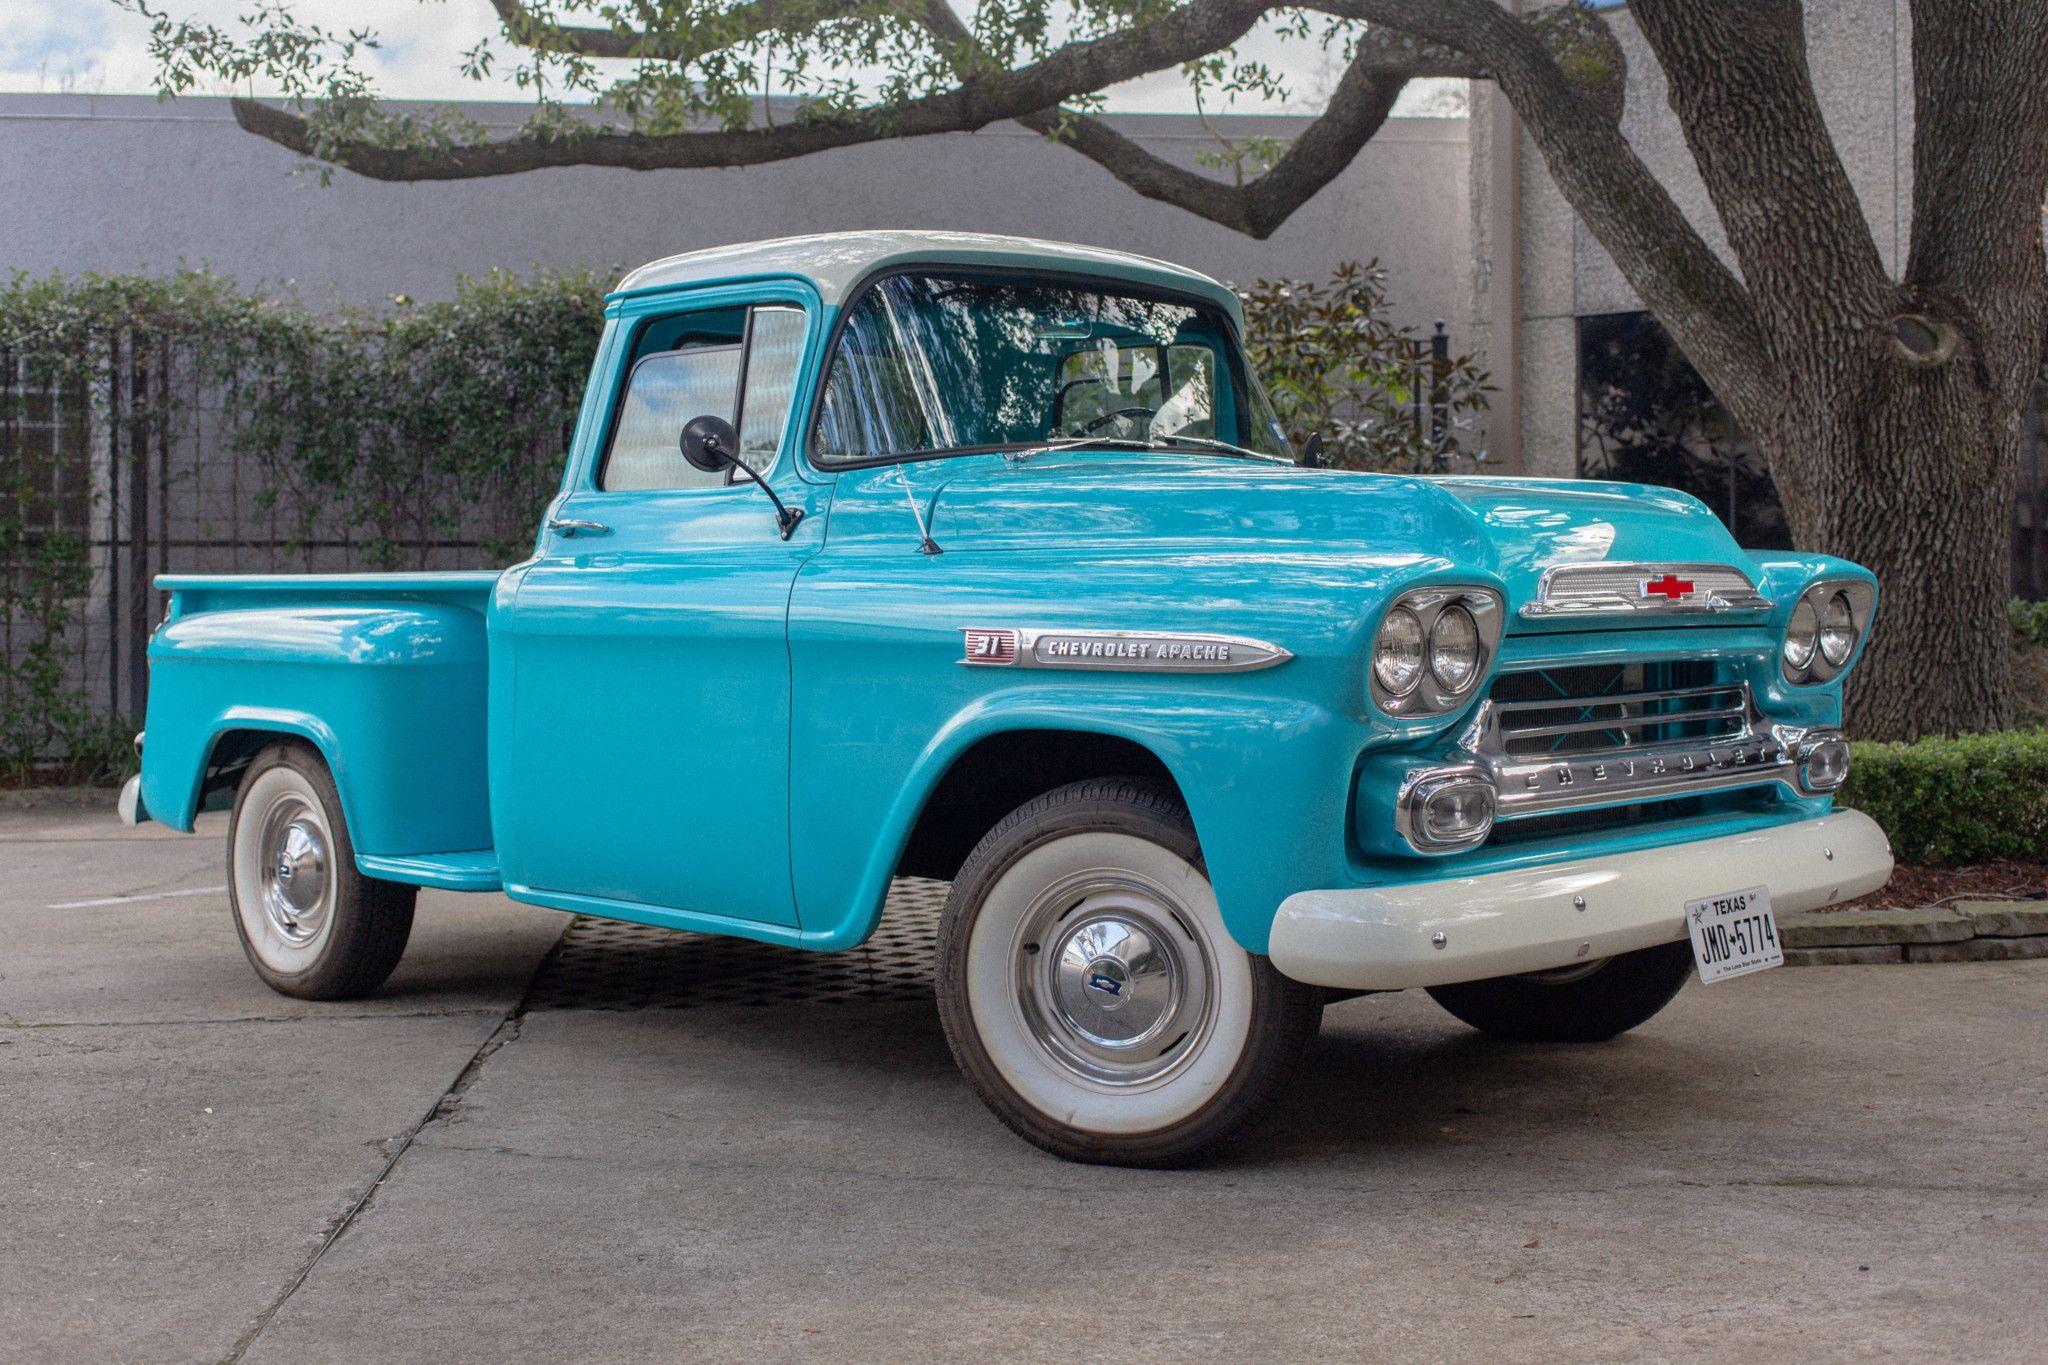 1959 Chevrolet Apache 31 Stepside Pickup | Chevrolet apache ...